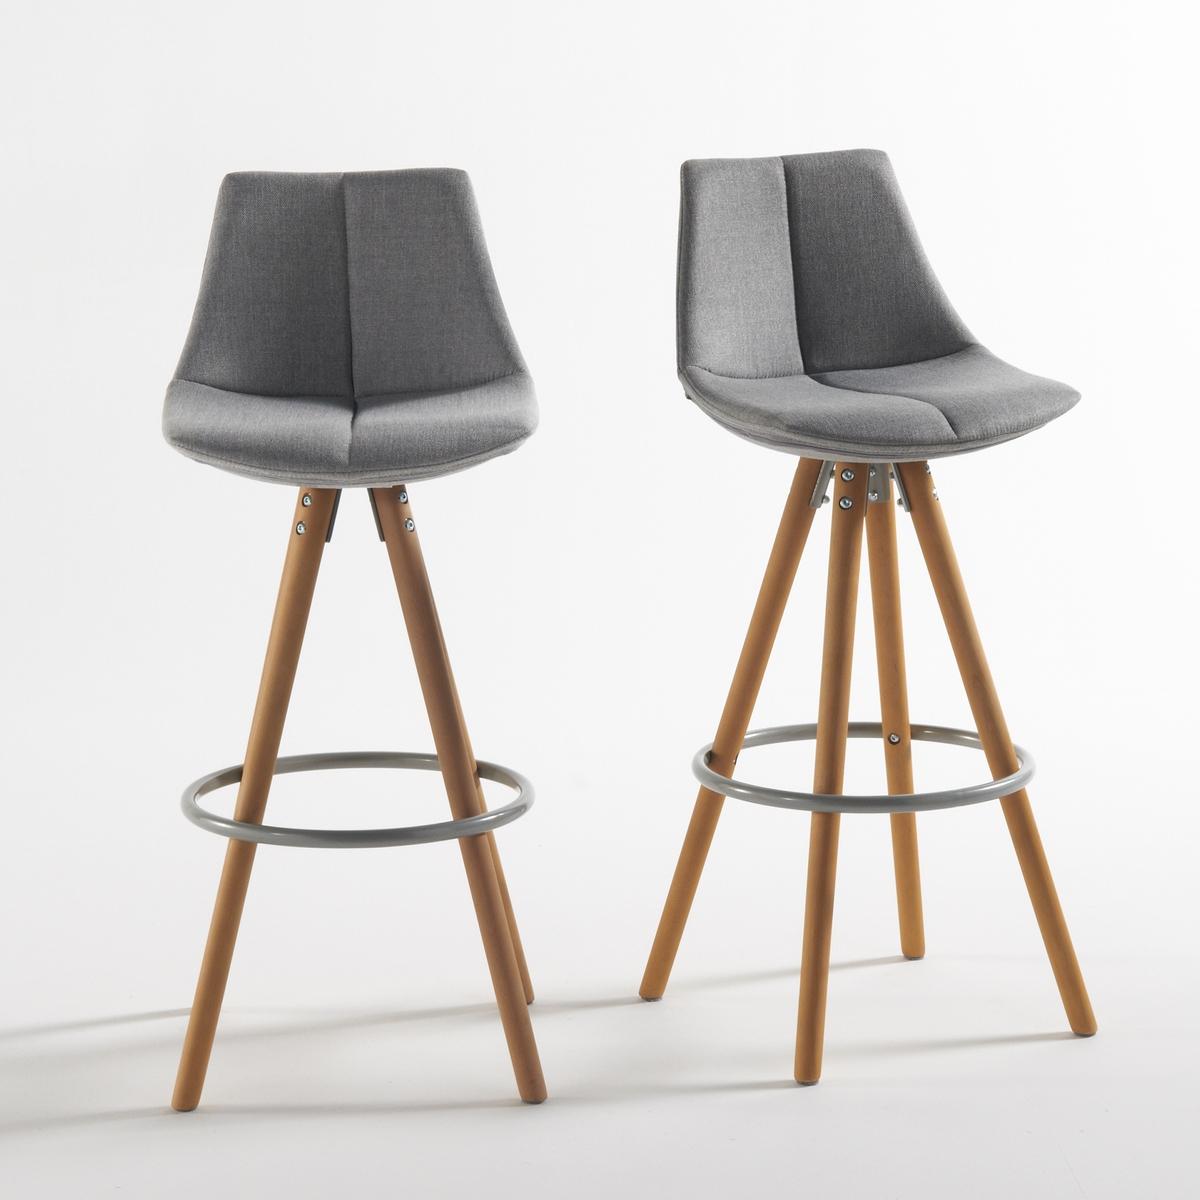 Стула La Redoute Барных ASTING единый размер серый стула la redoute барных watford единый размер каштановый